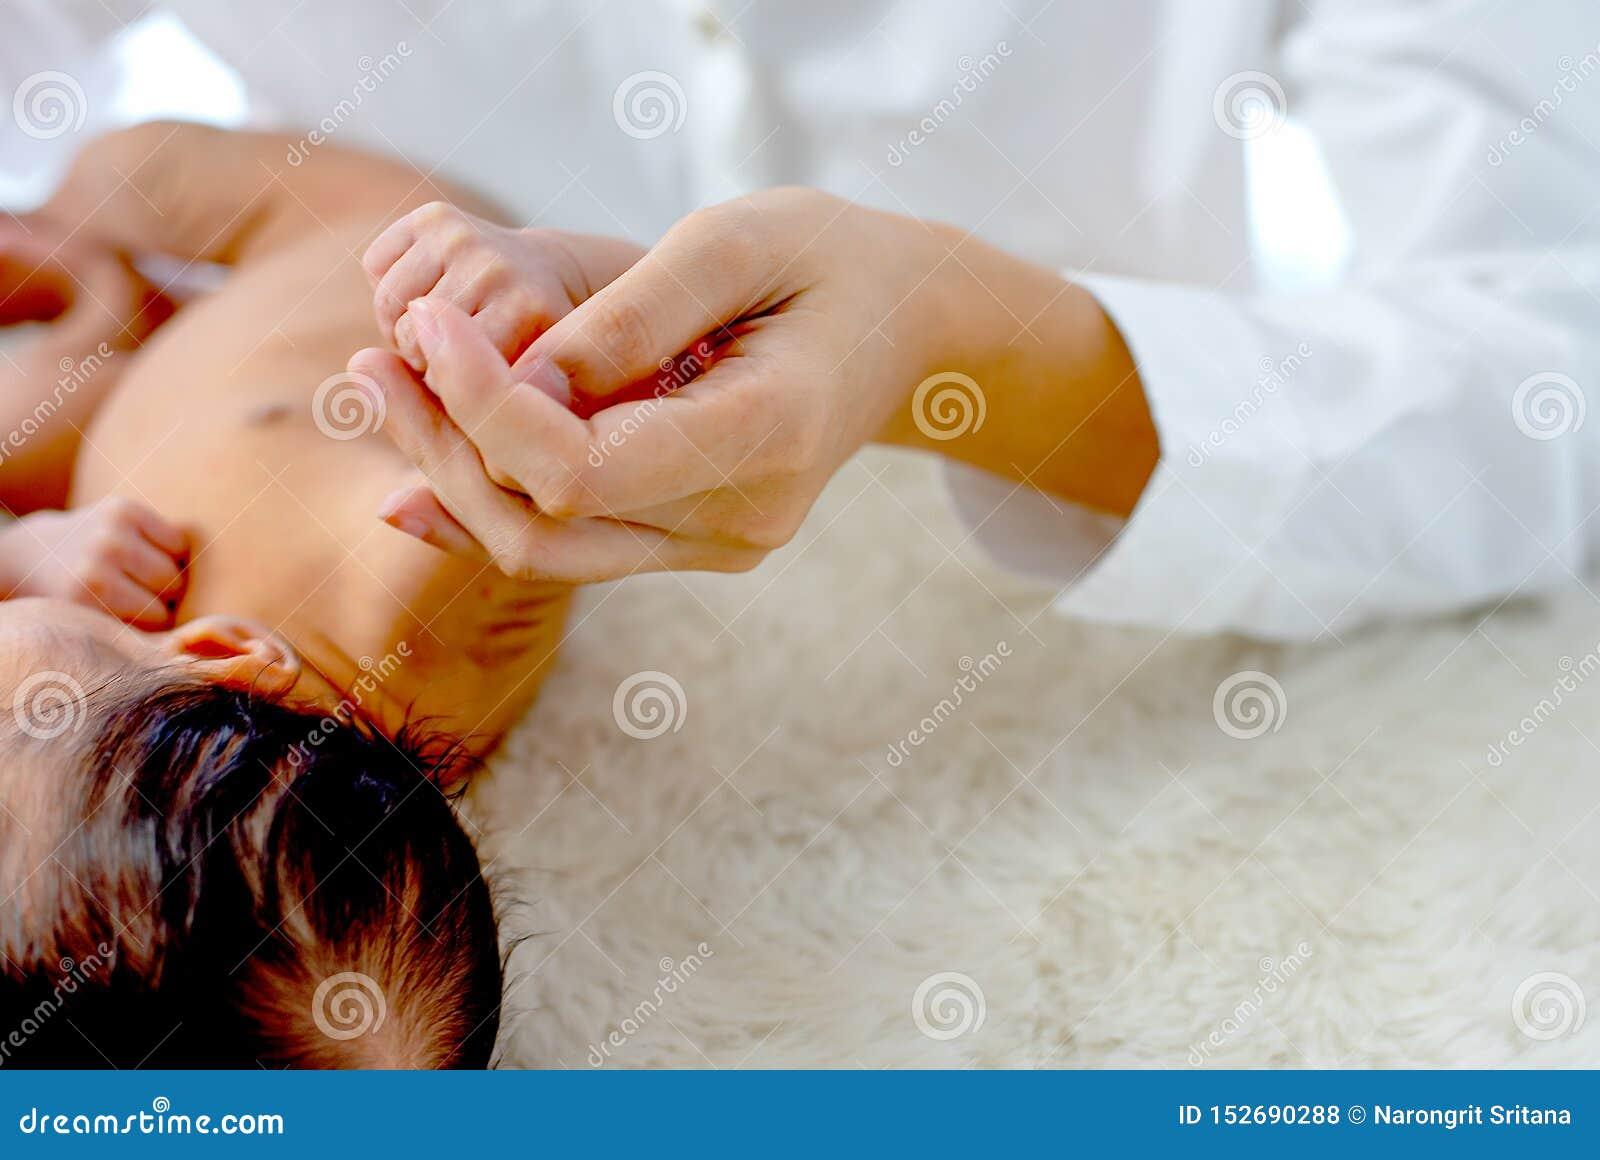 Miękka plama i zamyka w górę widok matki chwyta dzieciaka ręki z pojęciem mum więź miłość dziecko